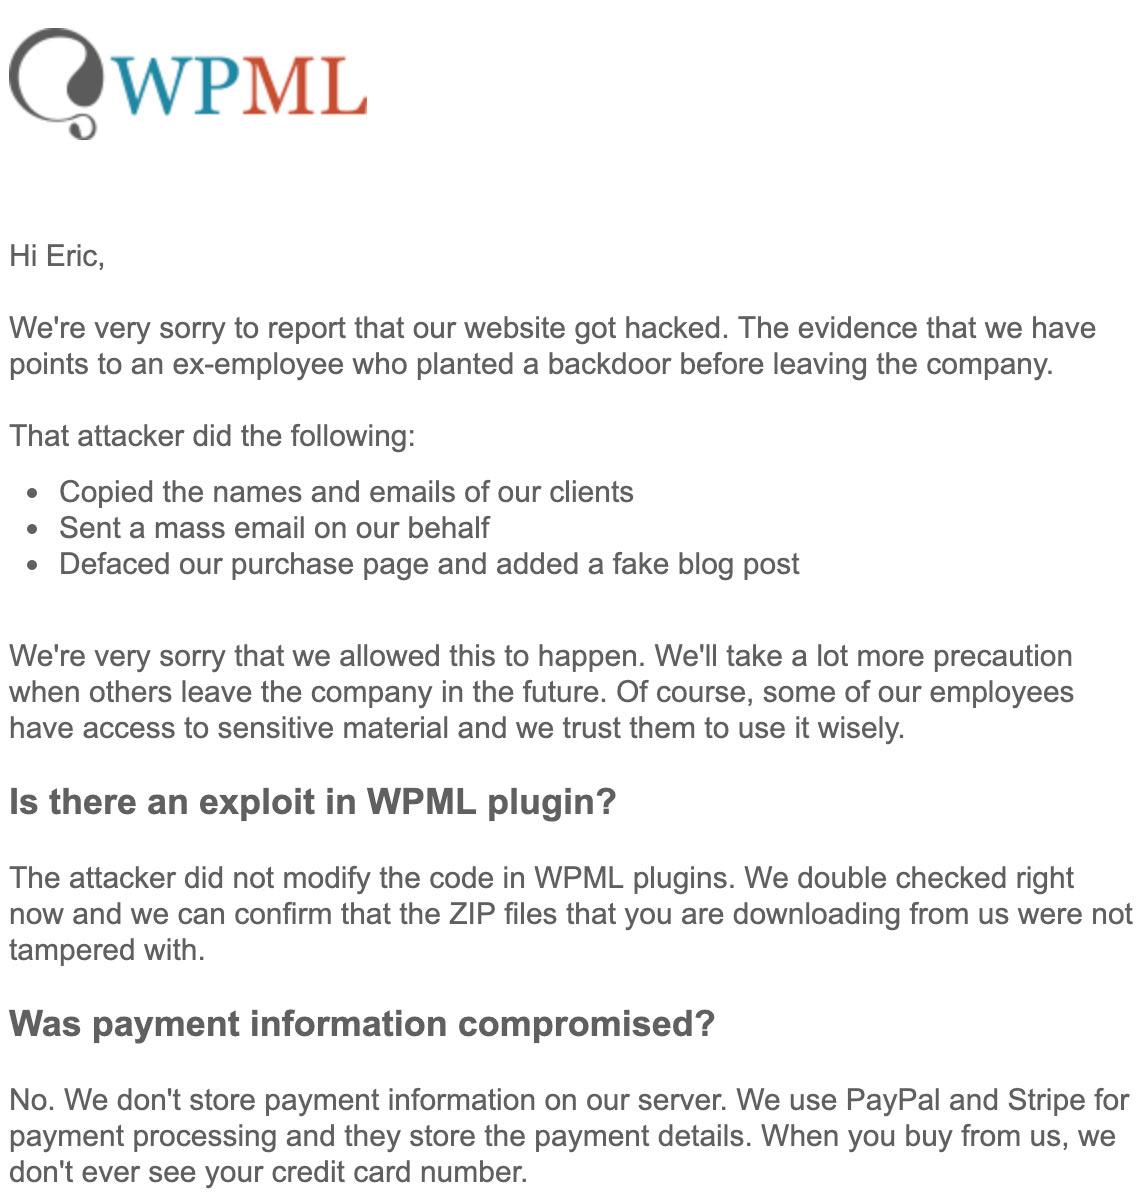 wpml amir response stellungnahme 1 - WPML hat auf den Hack reagiert und folgende Stellungnahme veröffentlicht